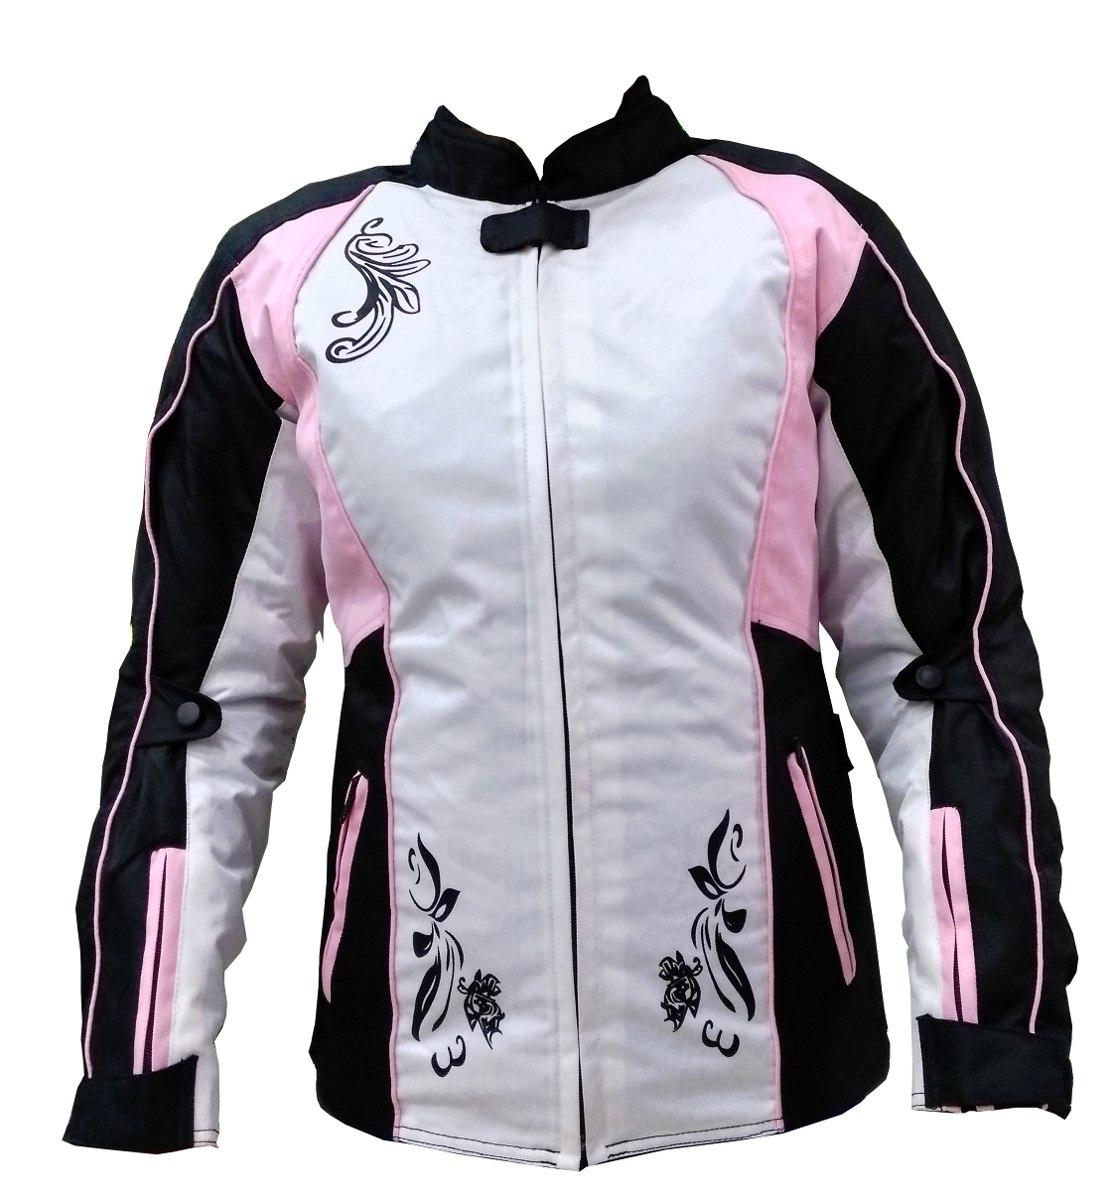 9dd299c1 chaqueta de cordura arex de dama con protecciones para moto. Cargando zoom.